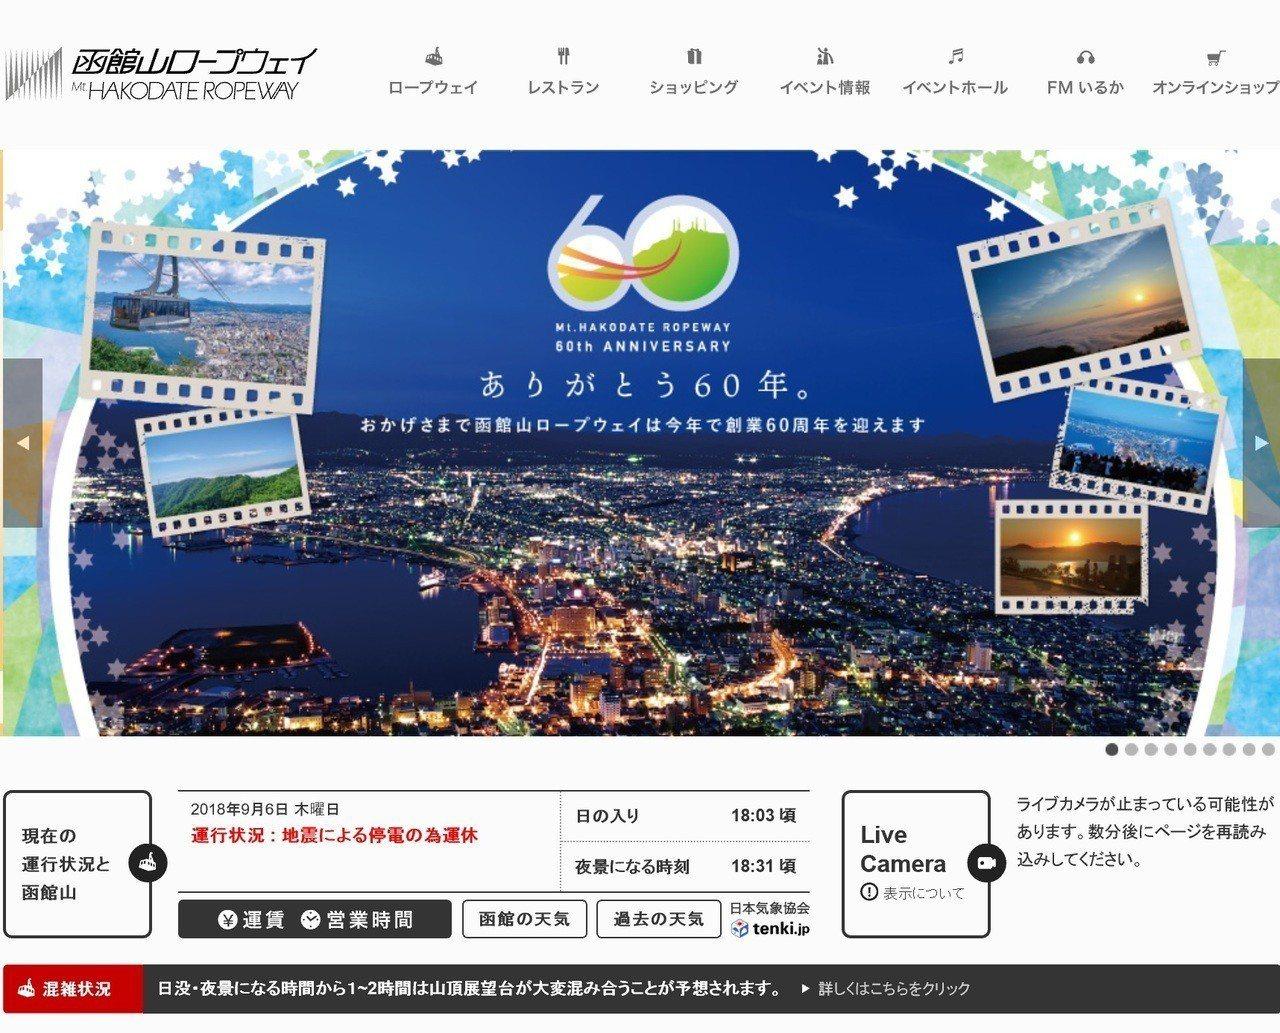 函館山百萬夜景纜車因地震停電暫停營業。圖/翻攝自官網